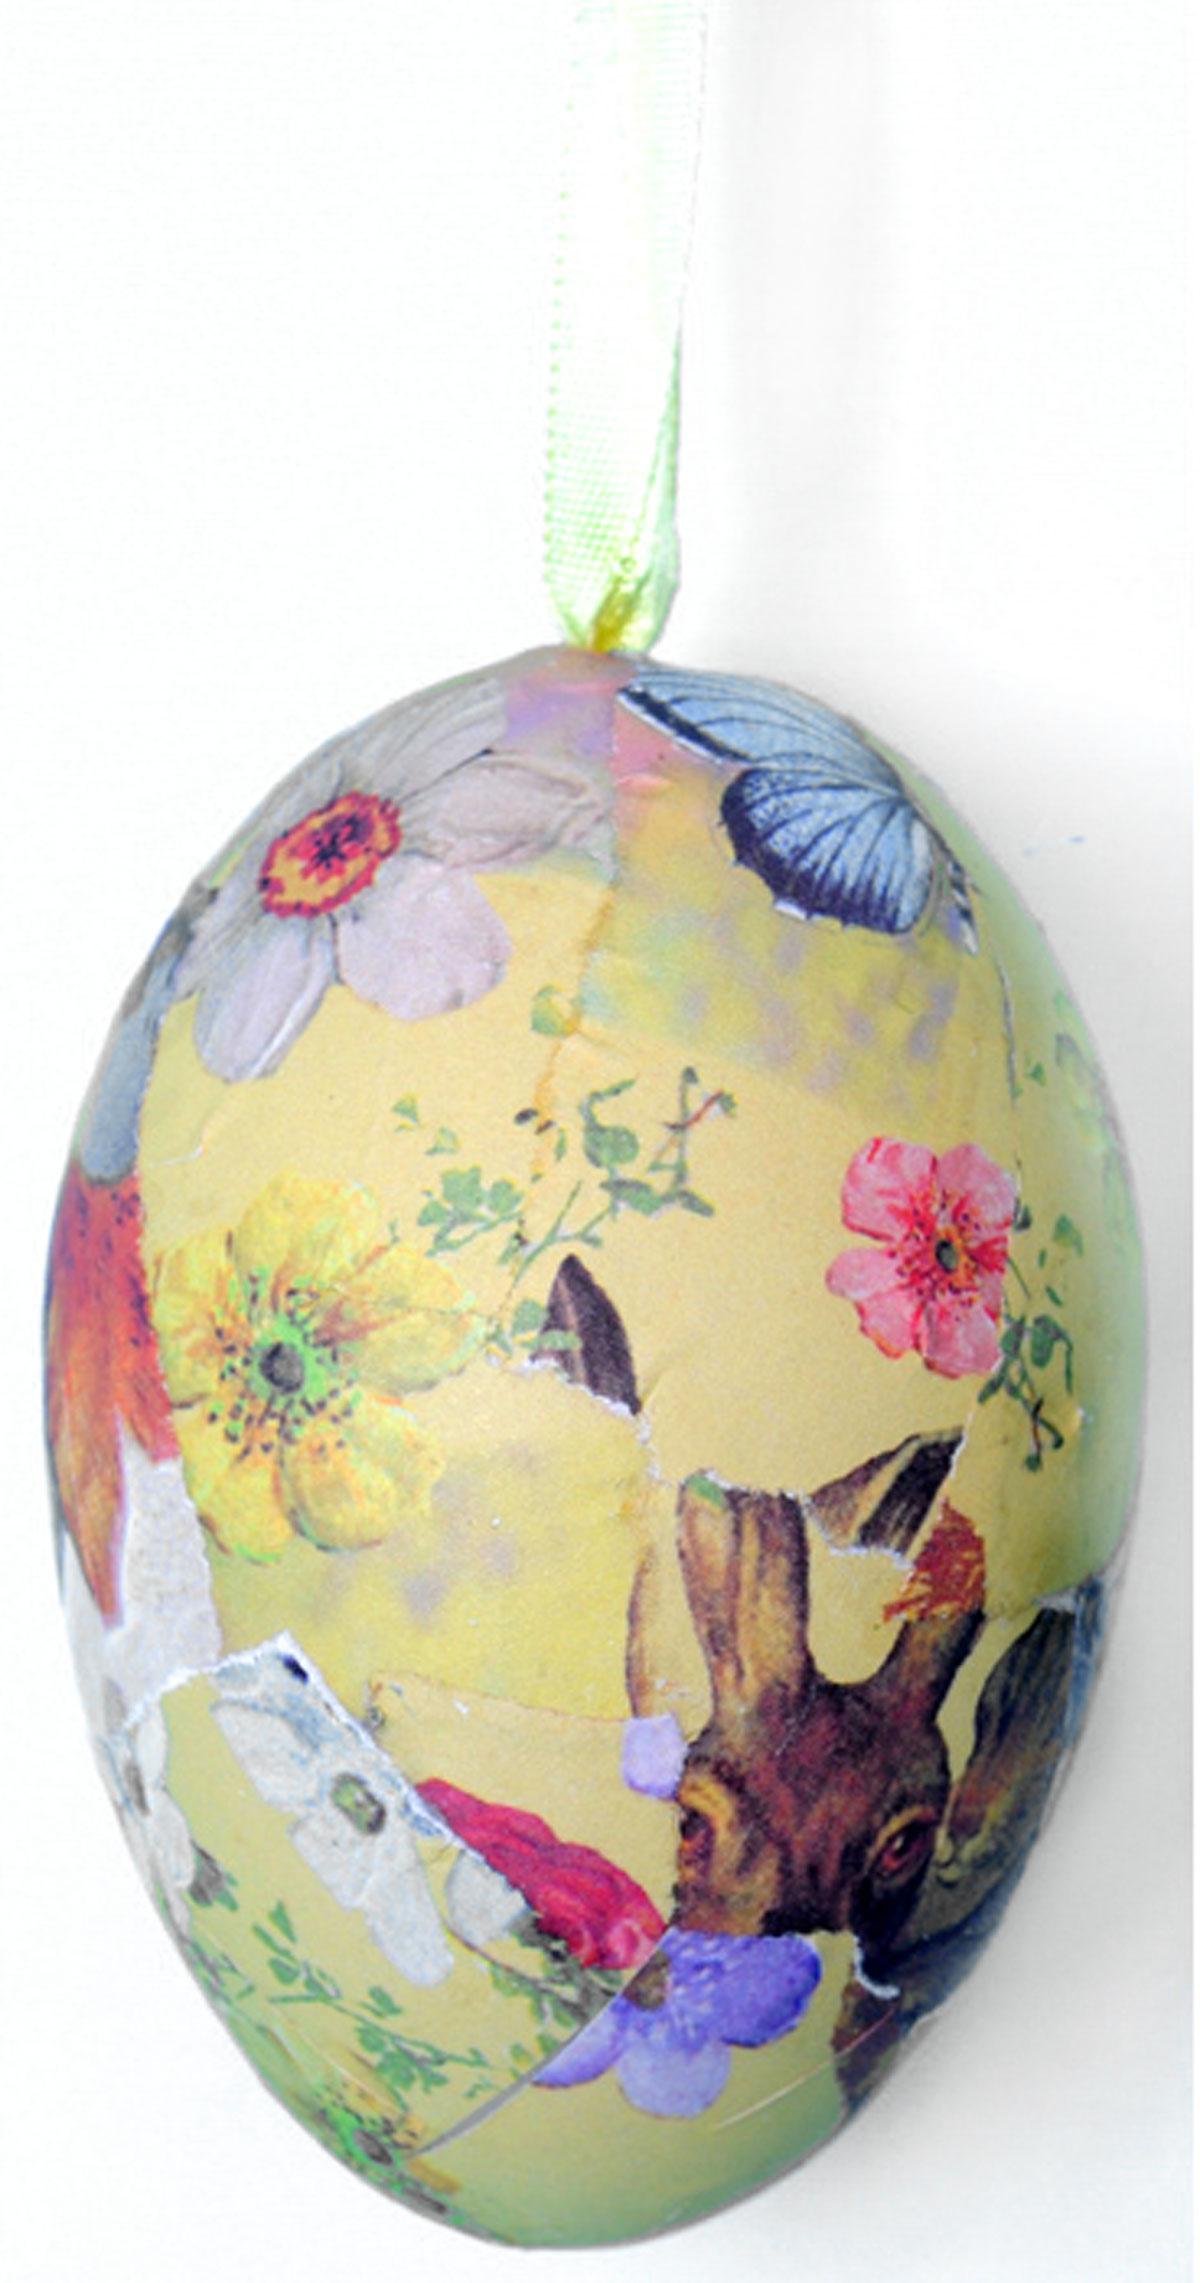 Декоративное подвесное украшение Home Queen Винтаж60785Подвесное украшение Home Queen Винтаж, выполненное в форме яйца, изготовлено из пластика и бумаги и декорировано рисунком в стиле винтаж. Изделие оснащено текстильной петелькой для подвешивания. Такое украшение прекрасно оформит интерьер дома или станет замечательным подарком для друзей и близких на Пасху. Размер яйца: 5,5 см х 5,5 см х 8 см.